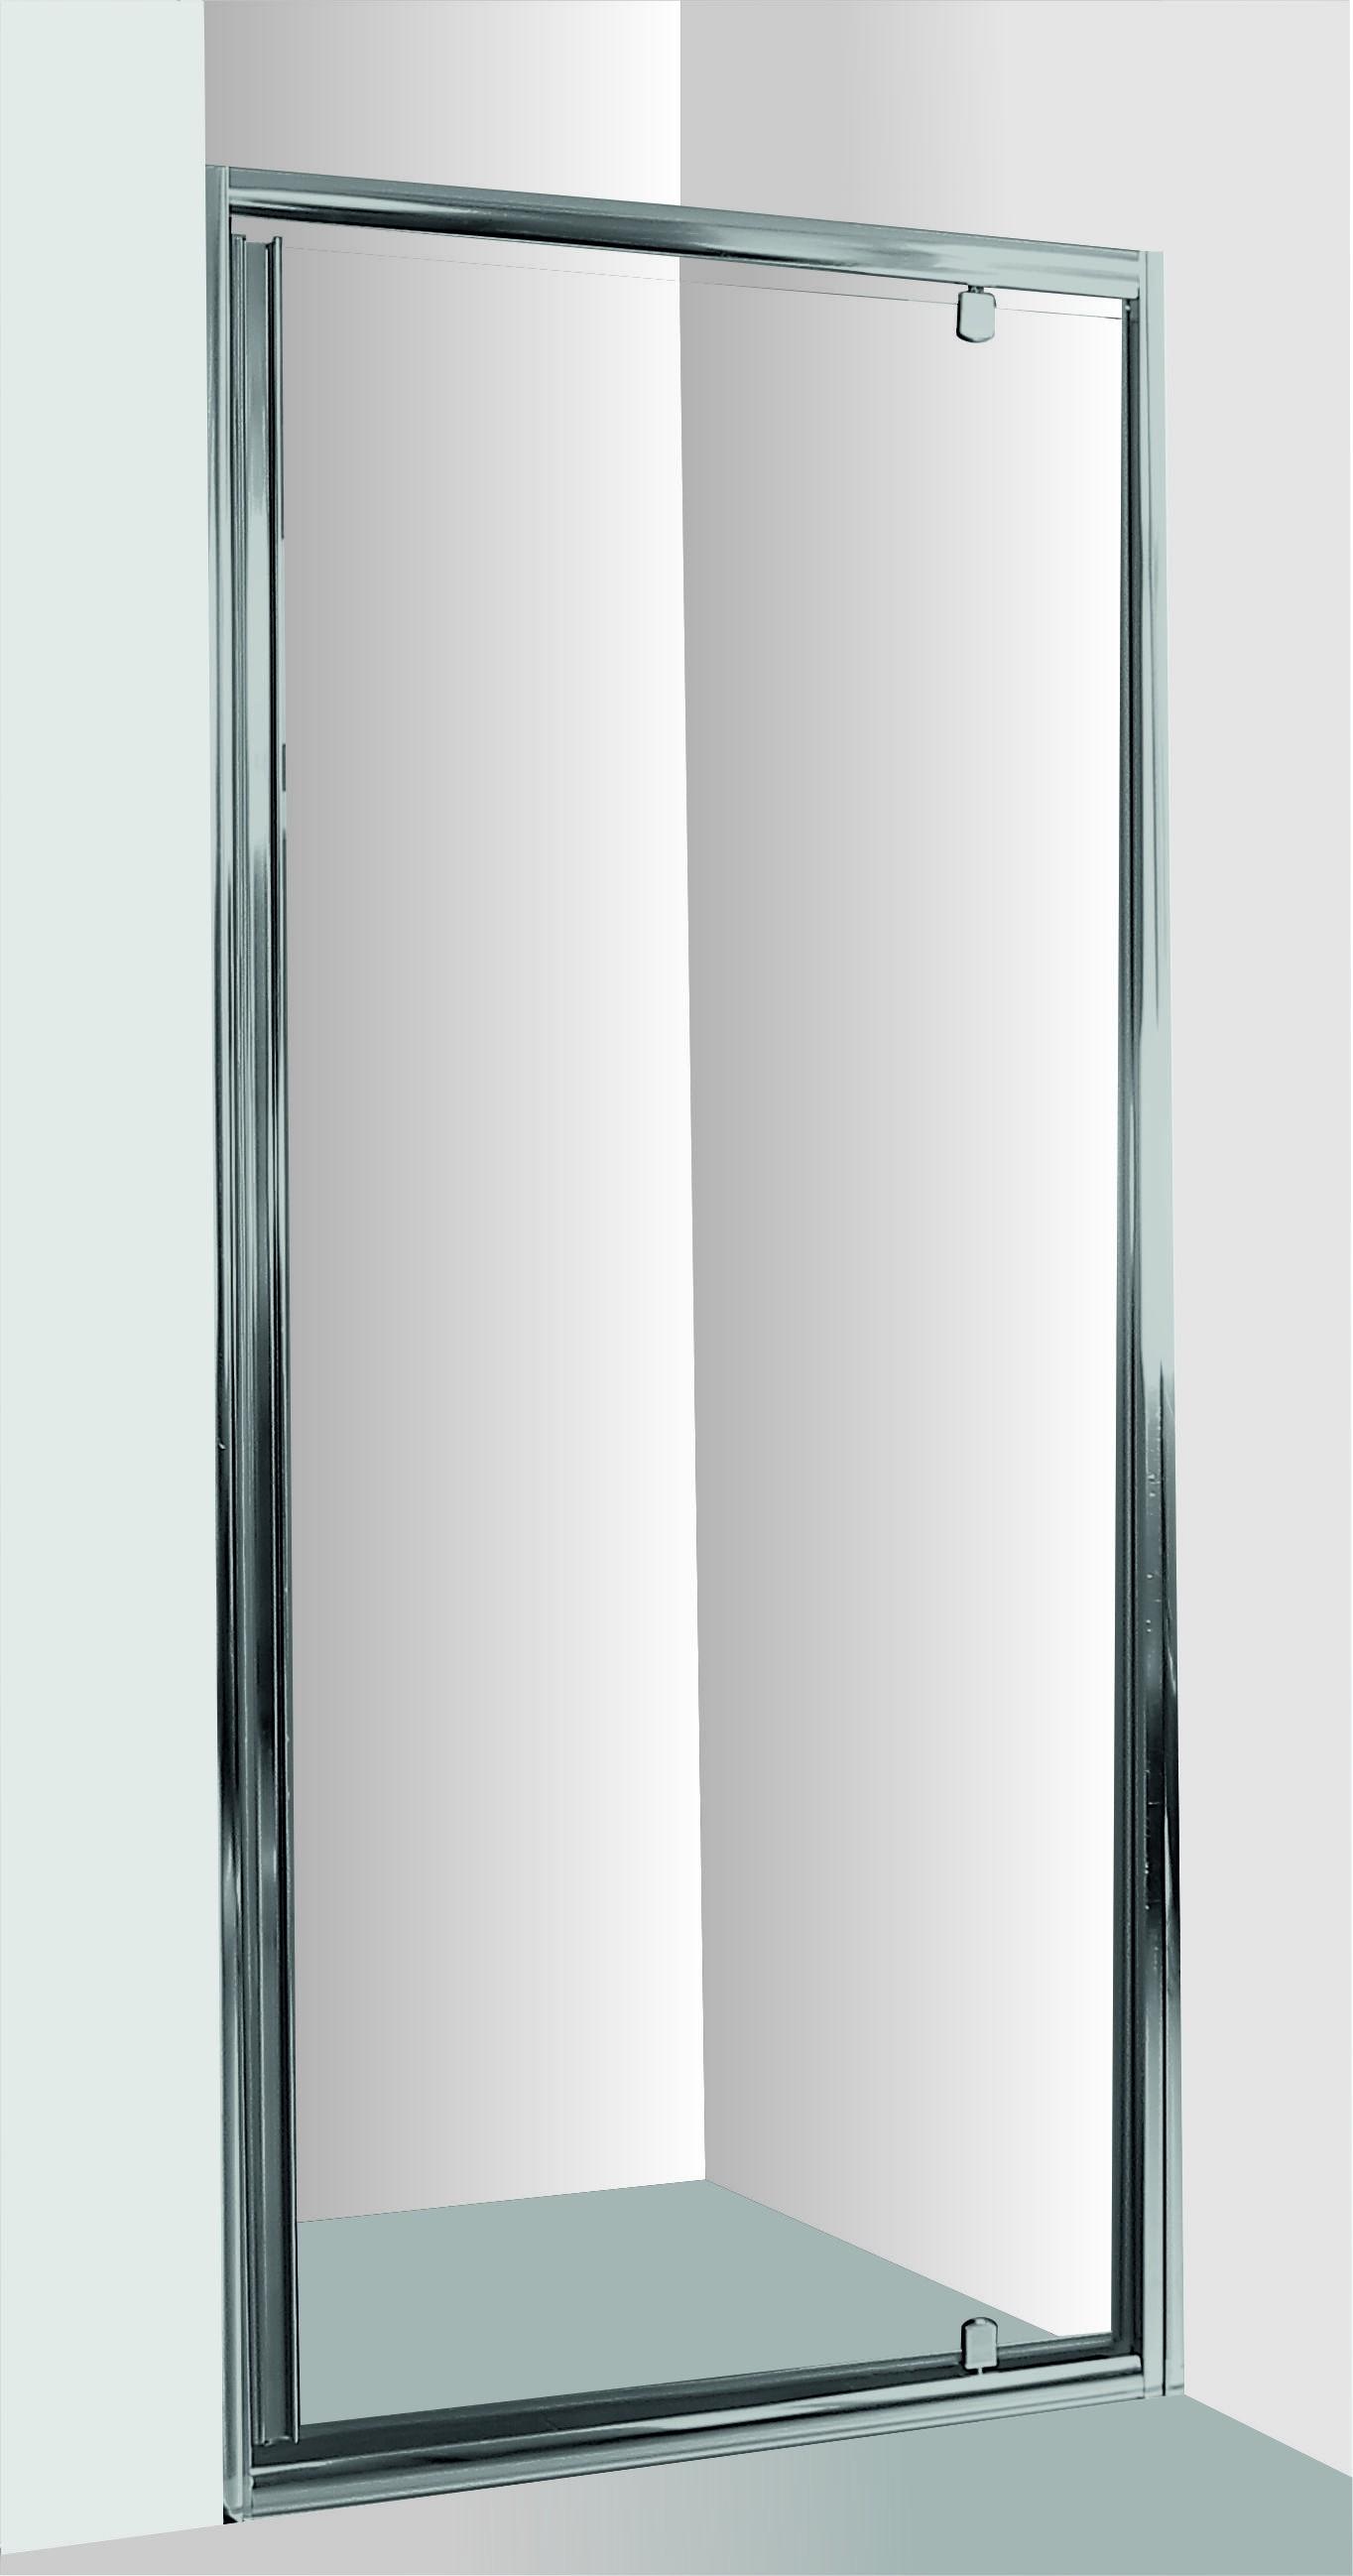 HOPA - Sprchové dvere do niky SMART - alarm - Farba rámu zásteny - Hliník chróm, Rozmer A - 80 cm, Smer zatváranie - Univerzálny Ľavé / Pravé, Výplň - Číre bezpečnostné sklo - 6 mm OLBALA80CCBV